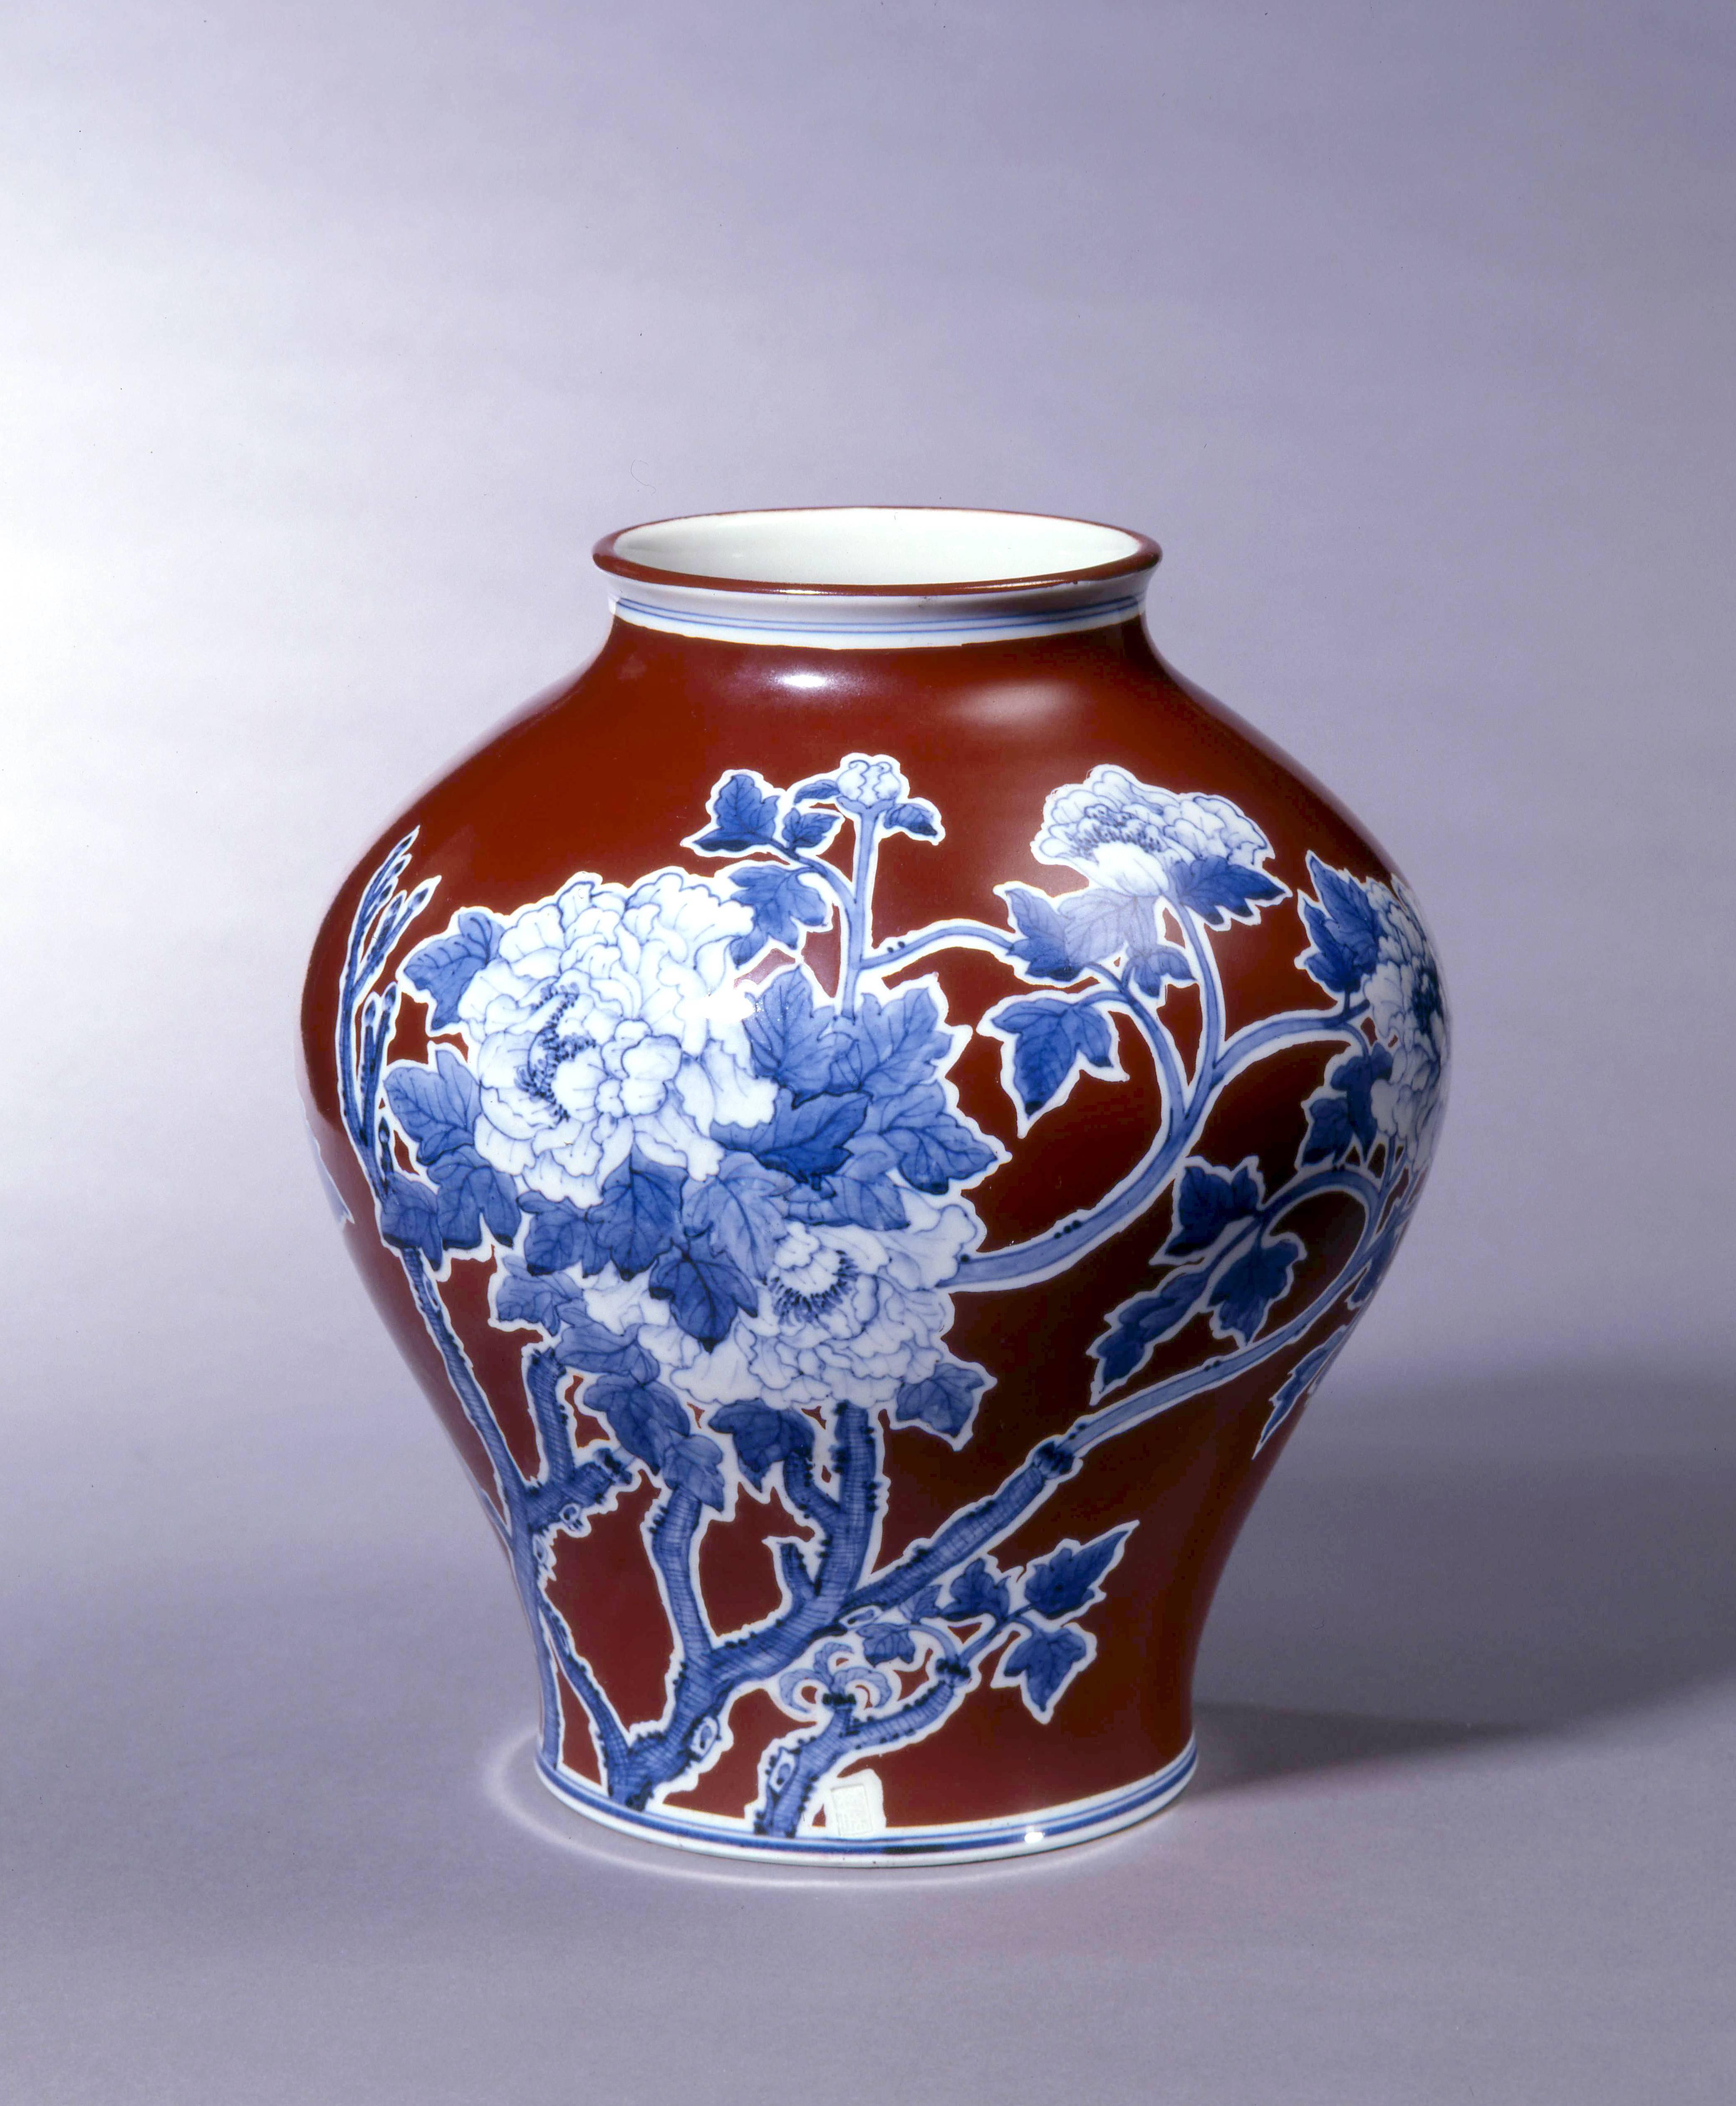 富貴|1985|陶藝|30x30x32.5cm